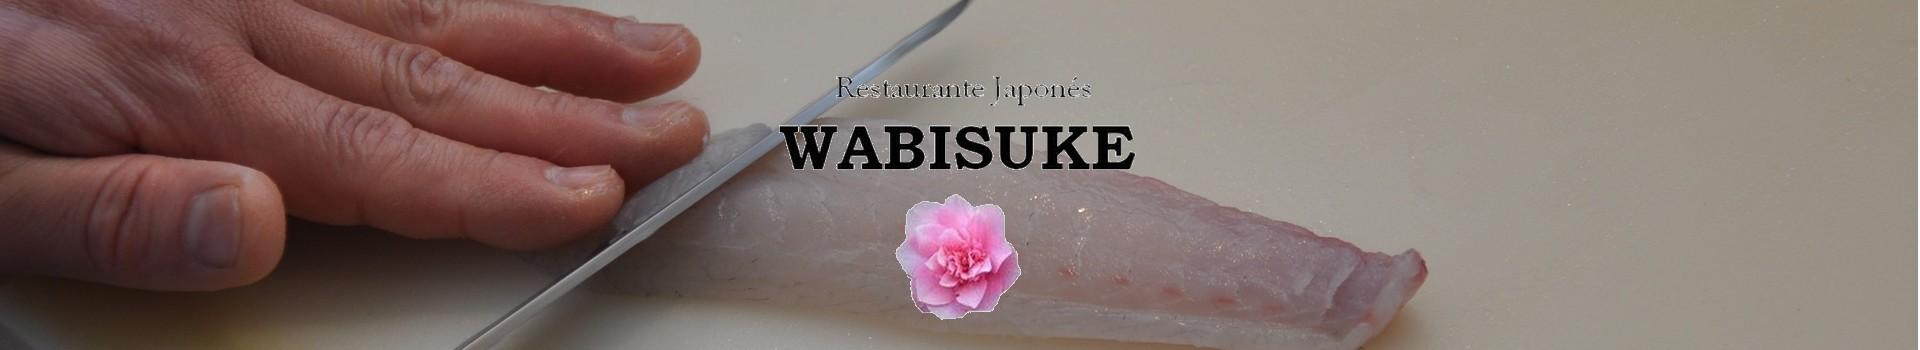 donde comer sushi en mallorca